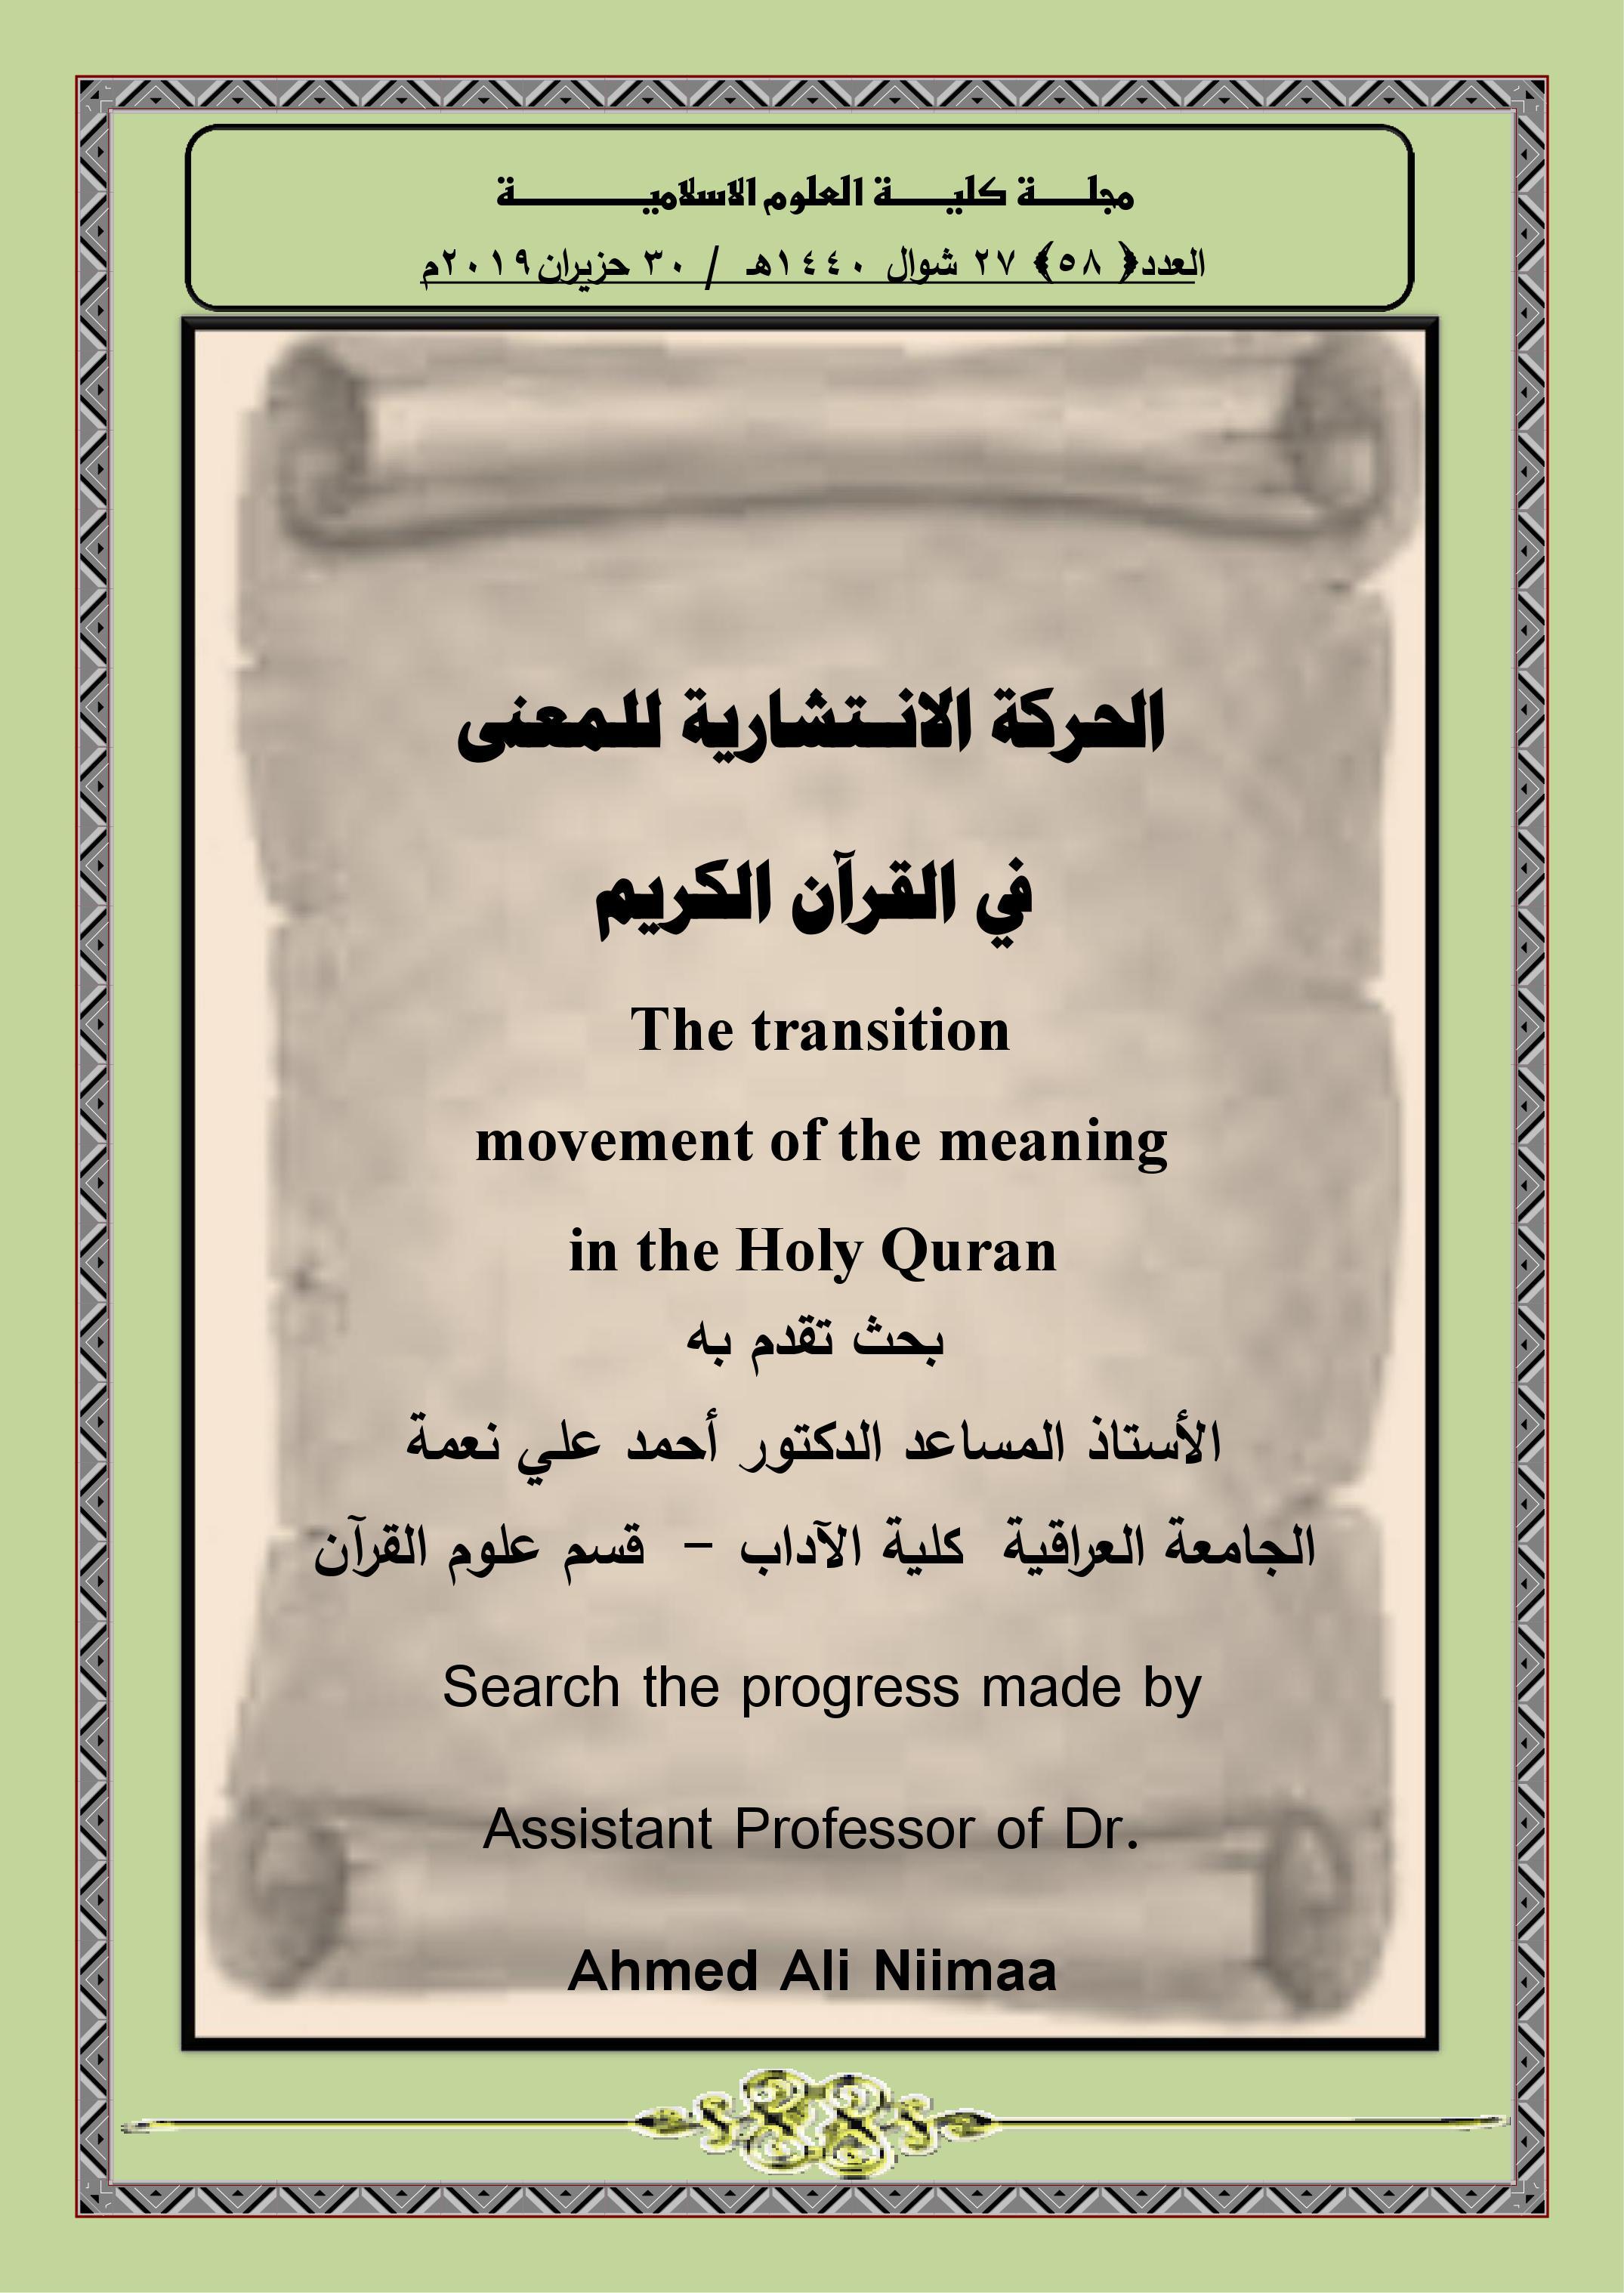 الحركة الانـتشارية للمعنى في القرآن الكريم